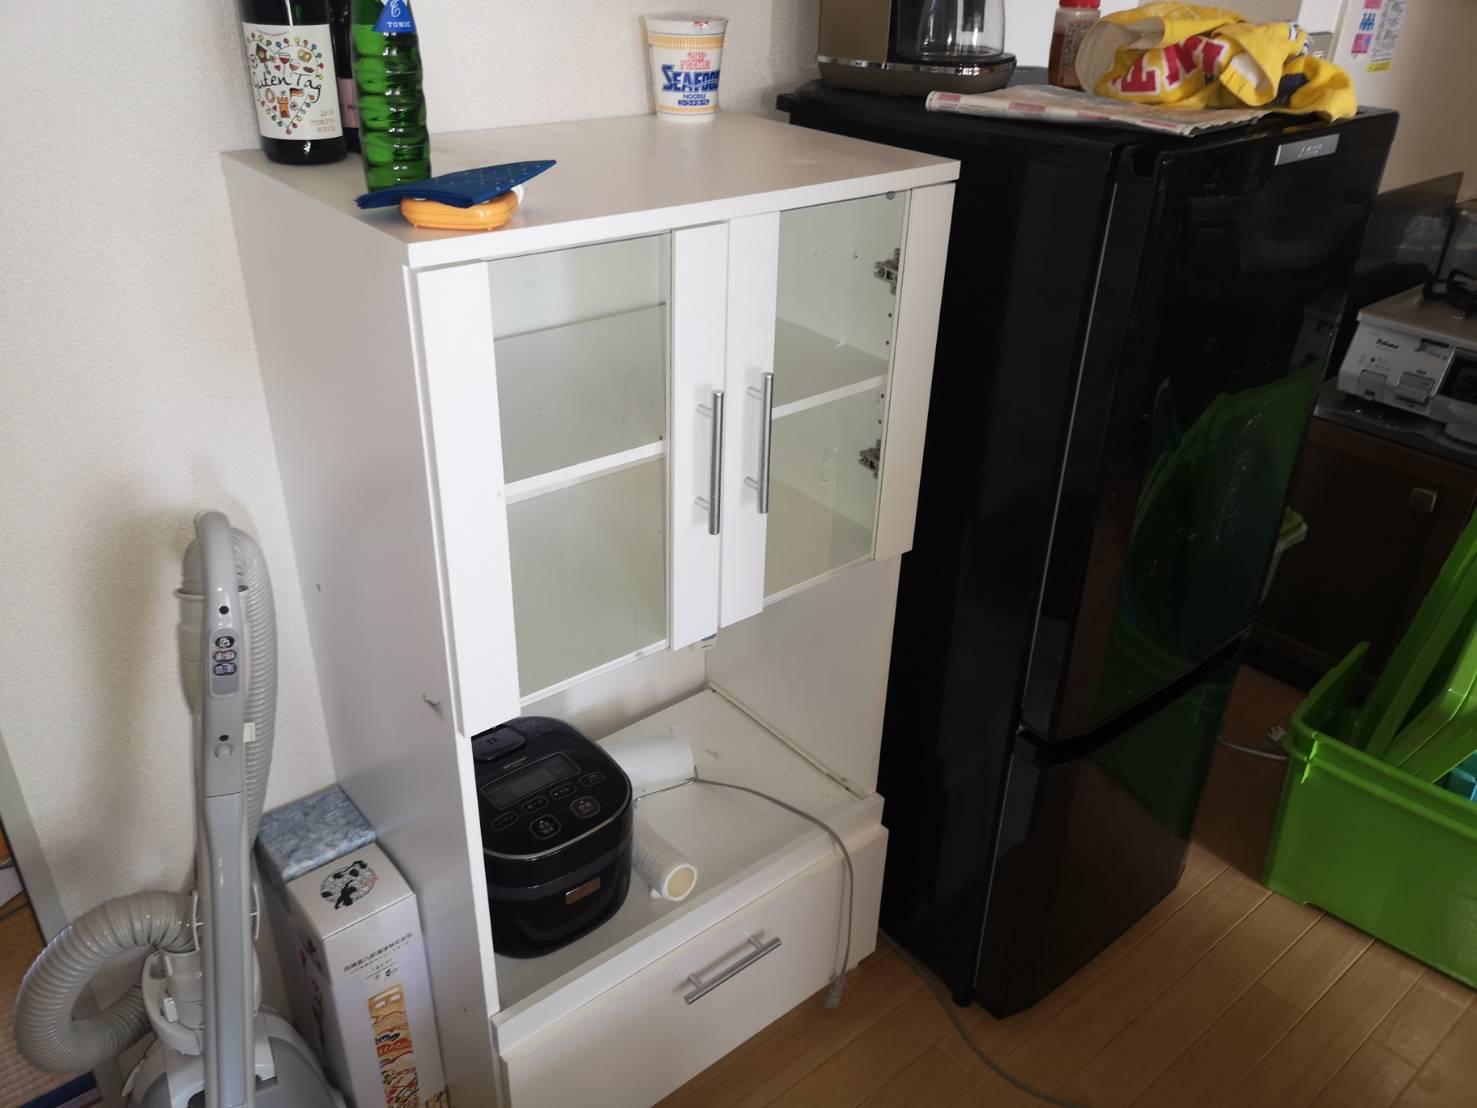 冷蔵庫、レンジ台、掃除機の回収前